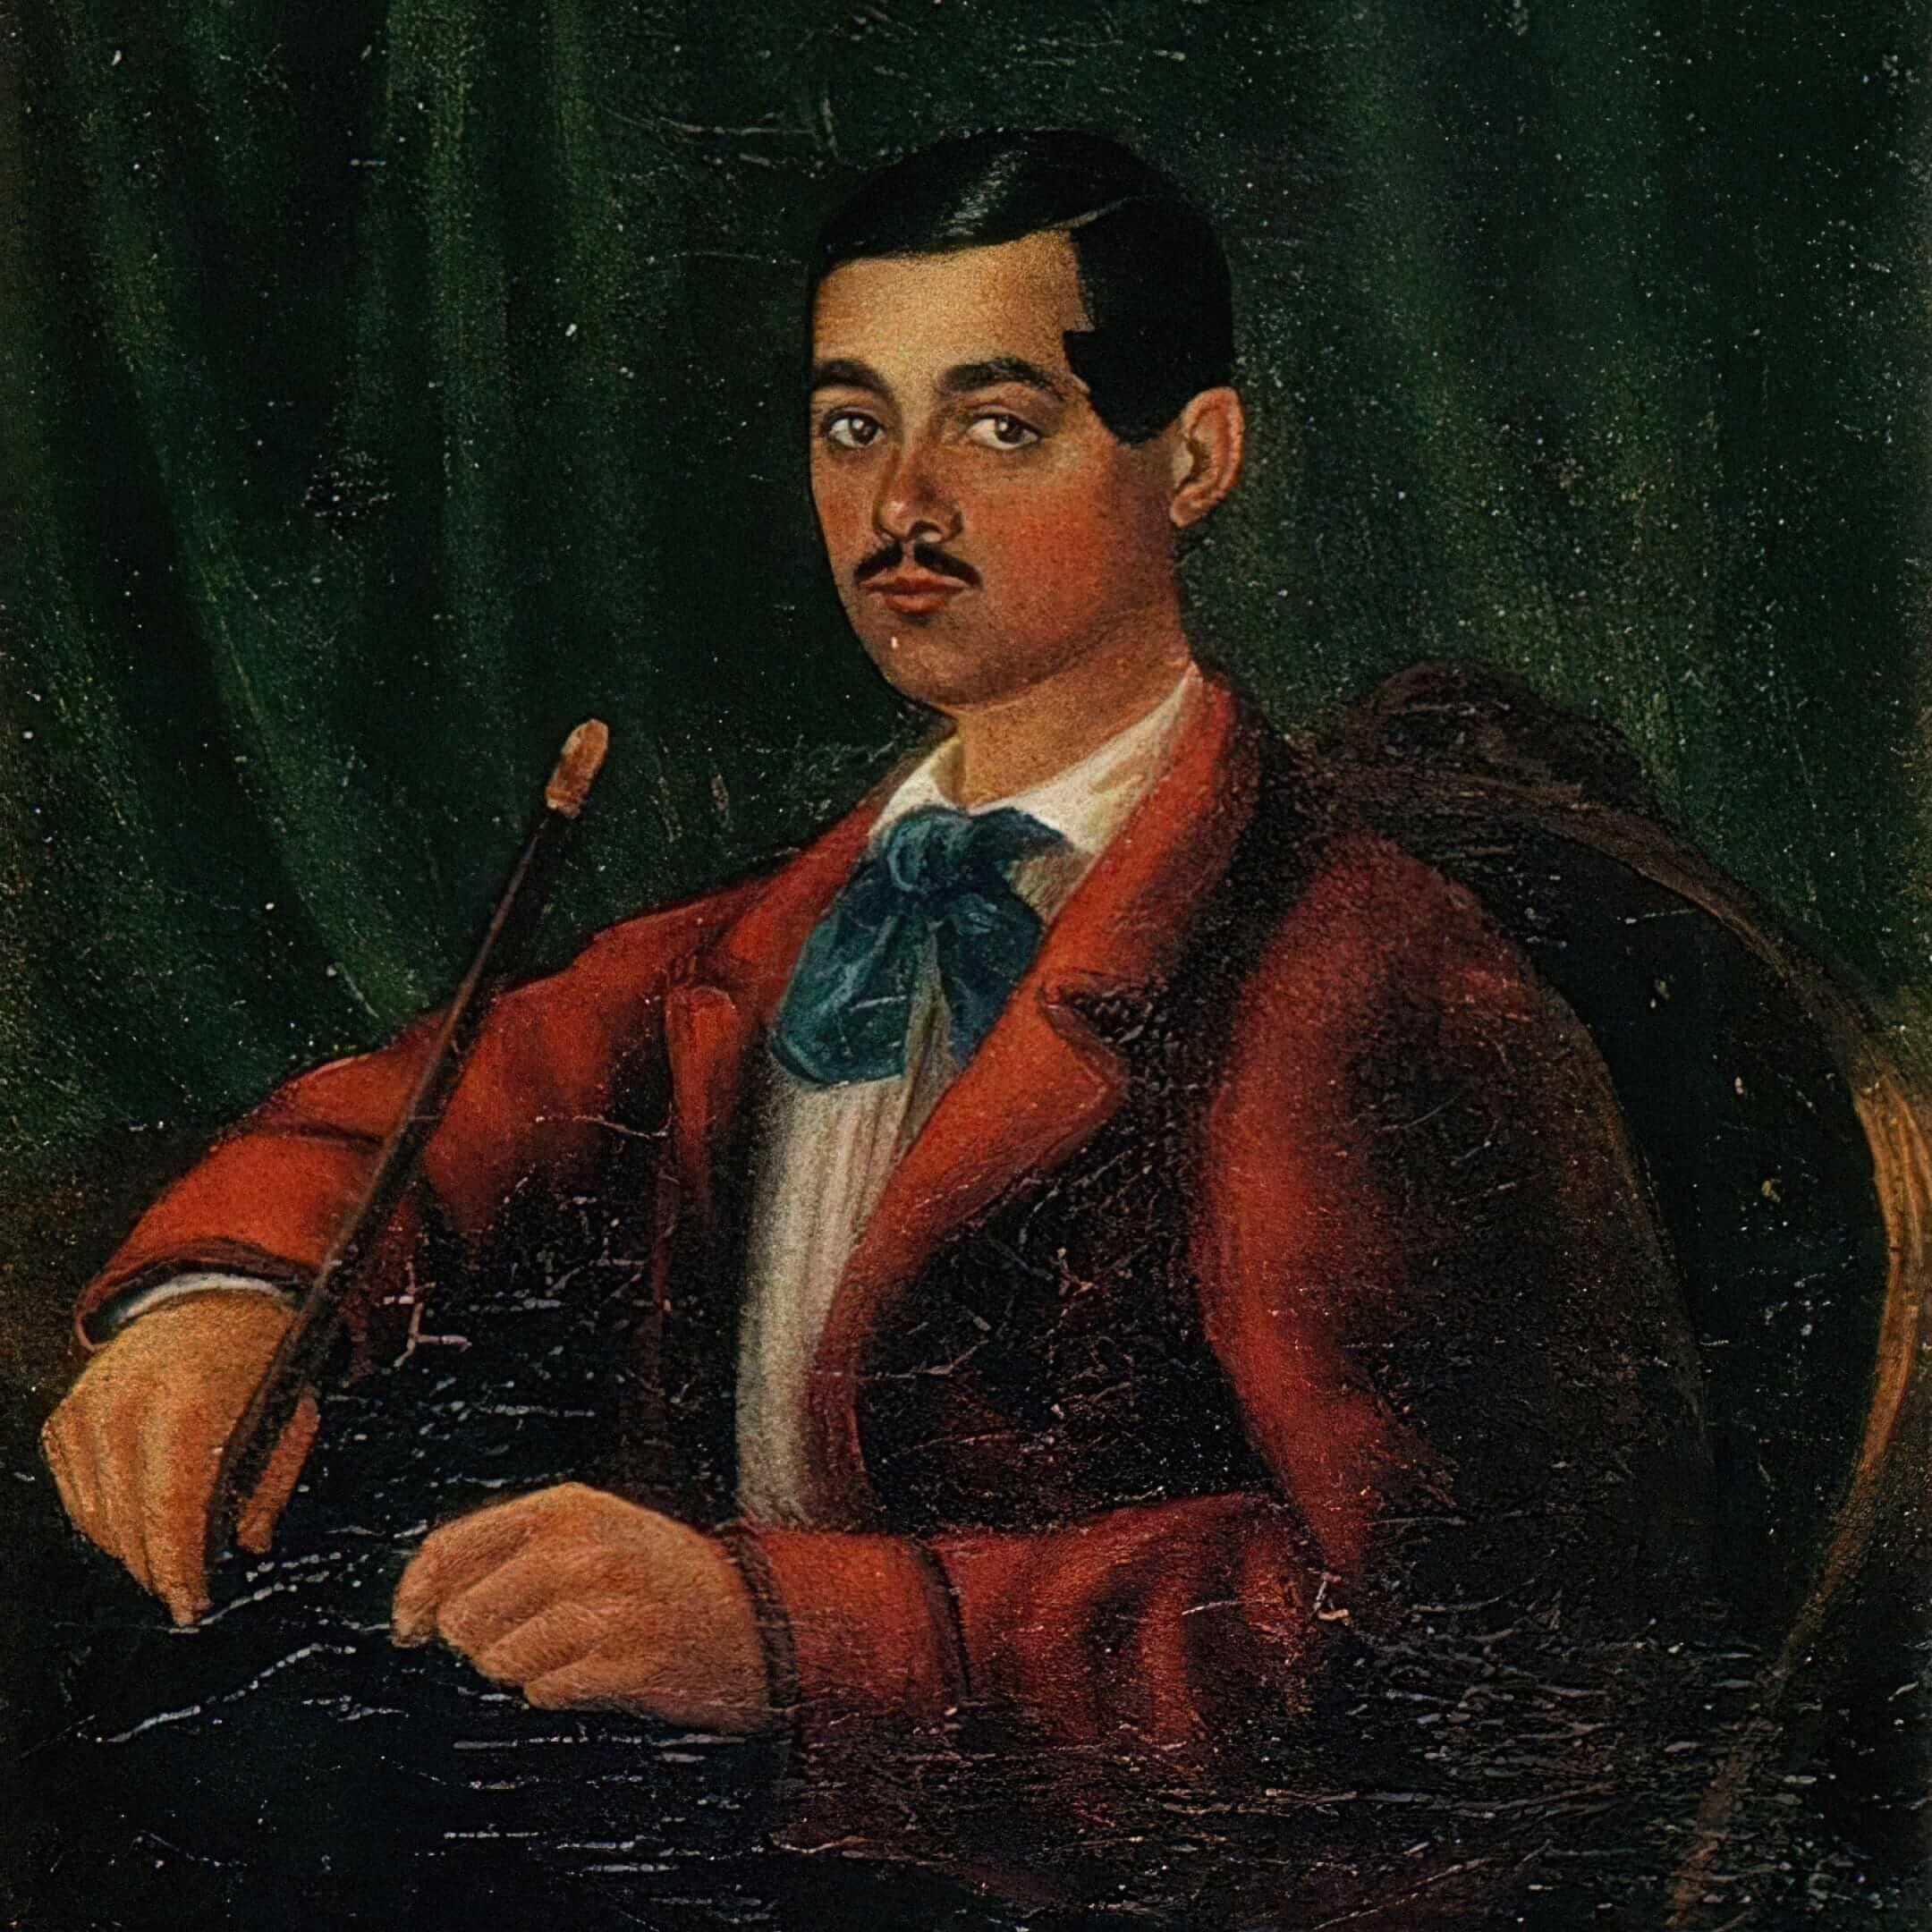 Александр Бестужев-Марлинский. Источник: wikipedia.org